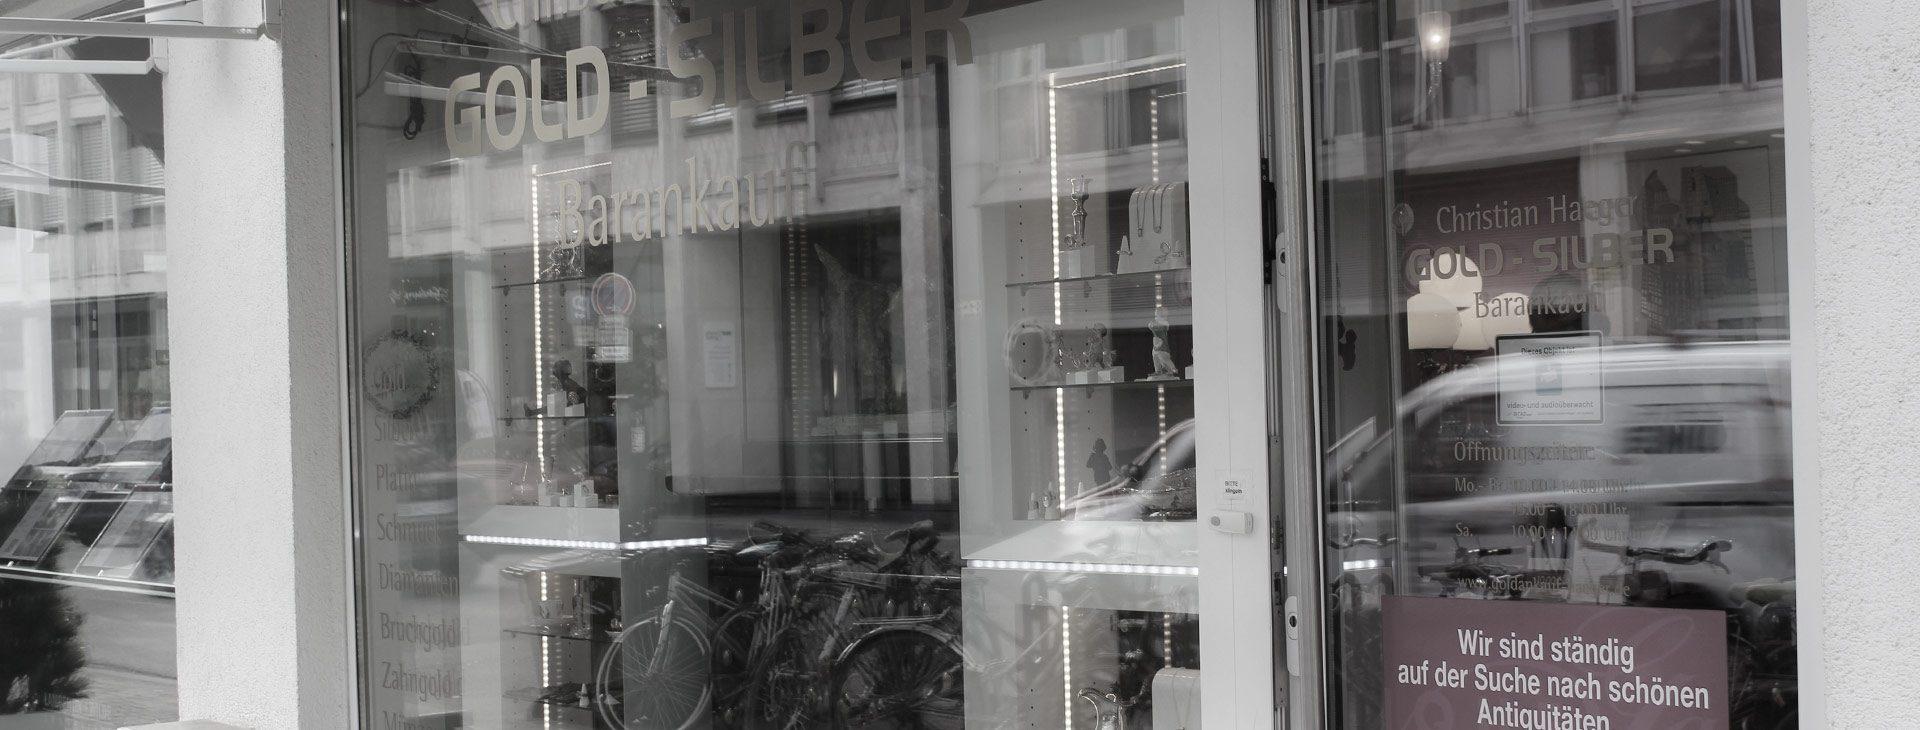 Diamantenankauf in Köln bei der Haeger GmbH: seriös und sicher!